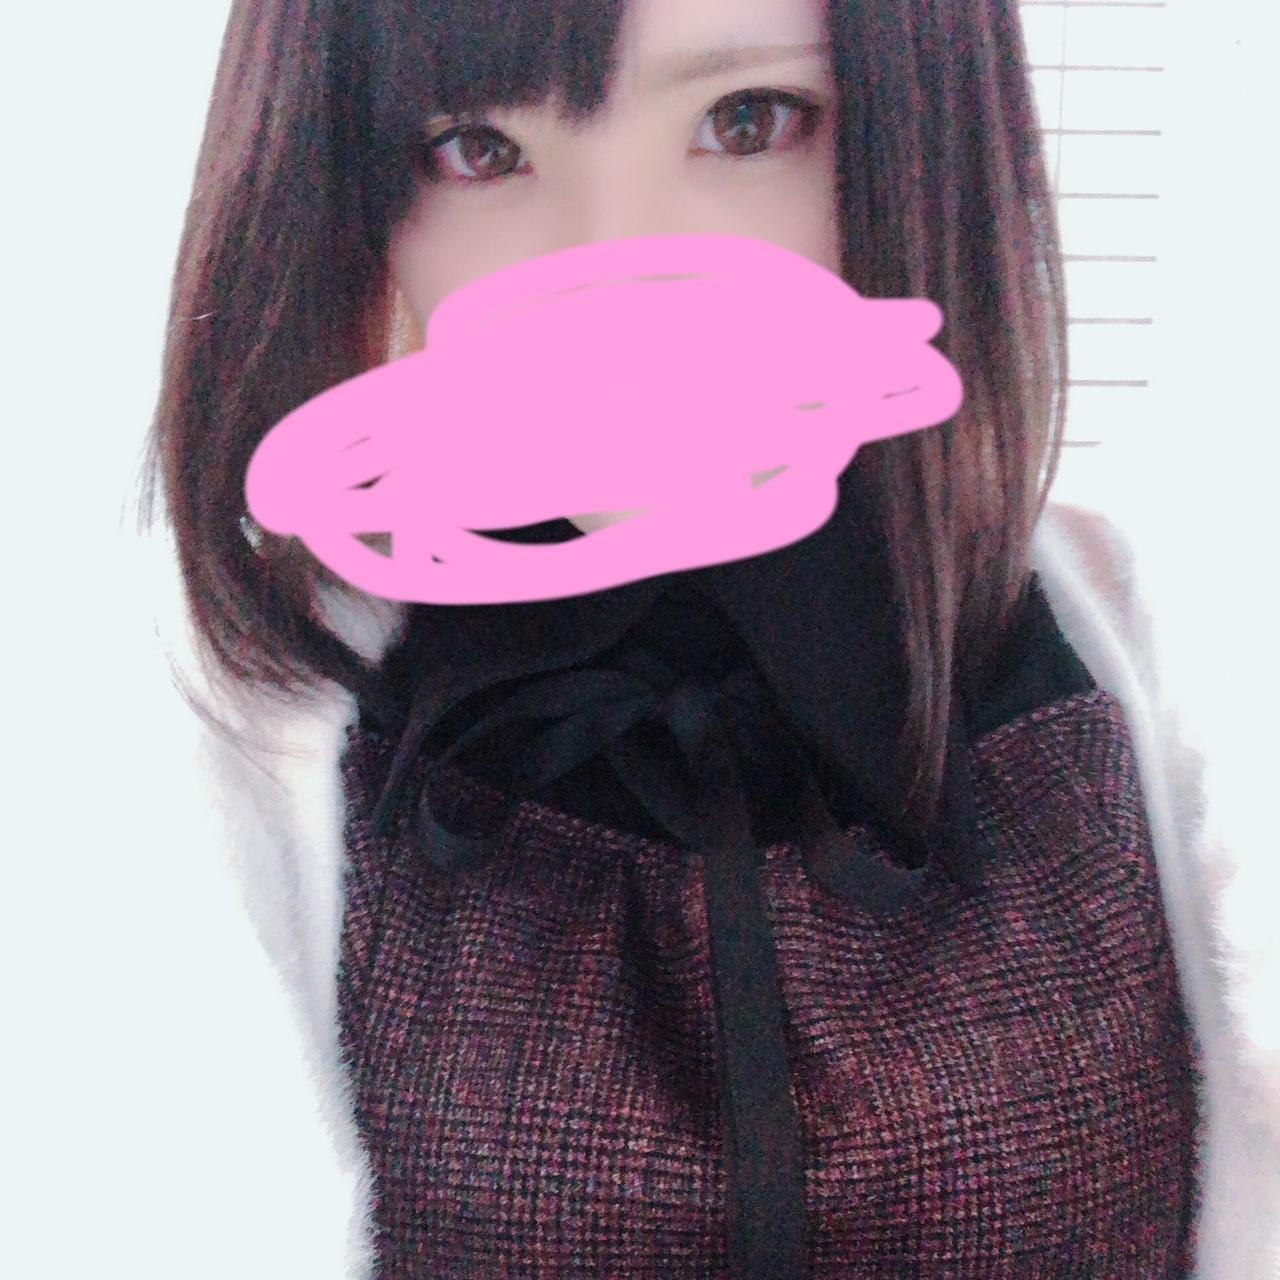 「あ〜」11/17(11/17) 21:17 | ちさとの写メ・風俗動画